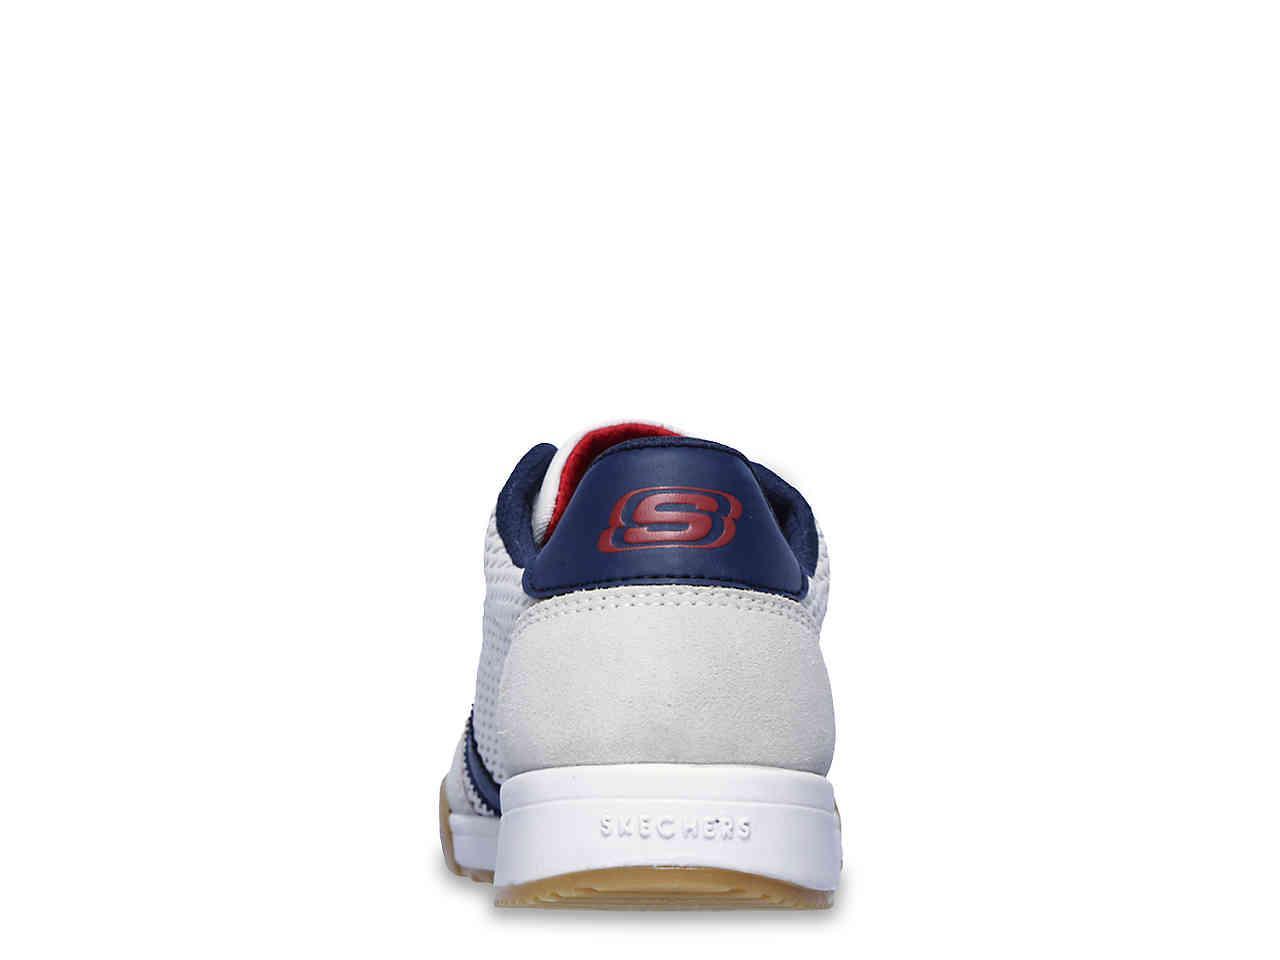 Skechers Rubber Zinger Mesh You Sneaker